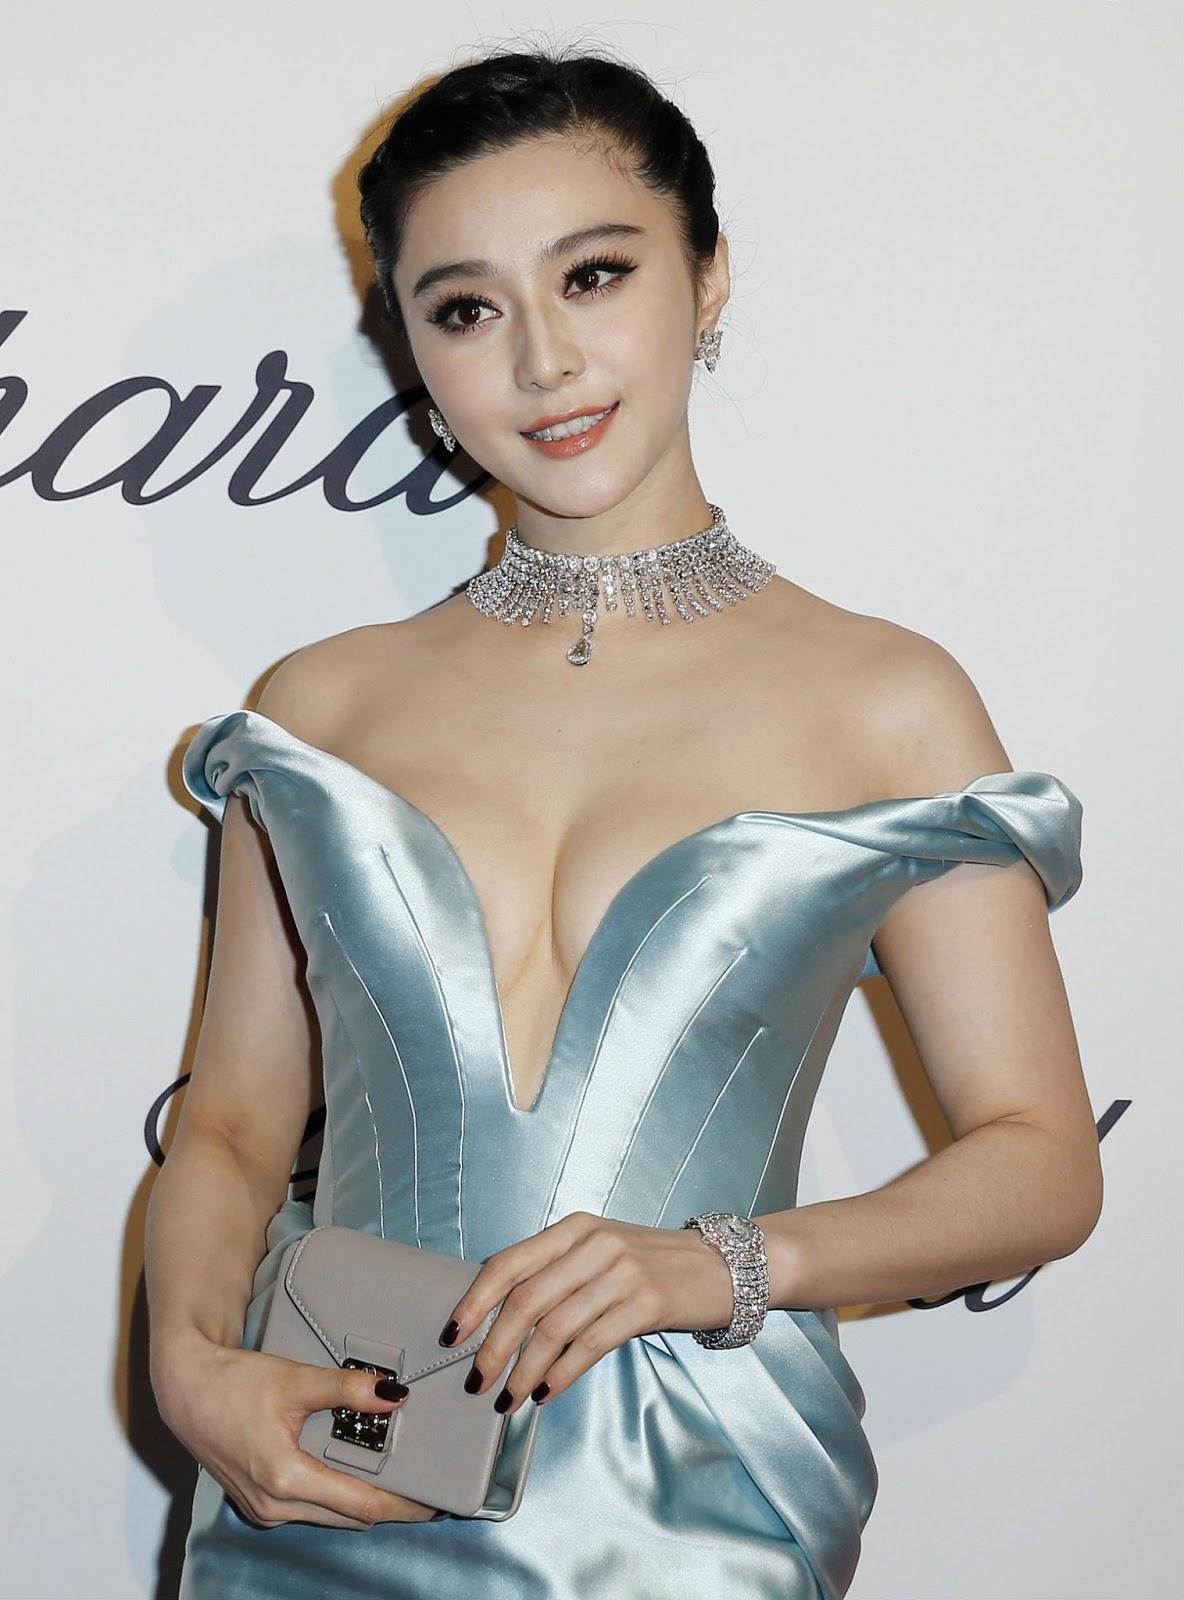 Https Www Bing Com Search Q Www Youtube Com: Fan Bing Bing Photo 173 Of 396 Pics, Wallpaper